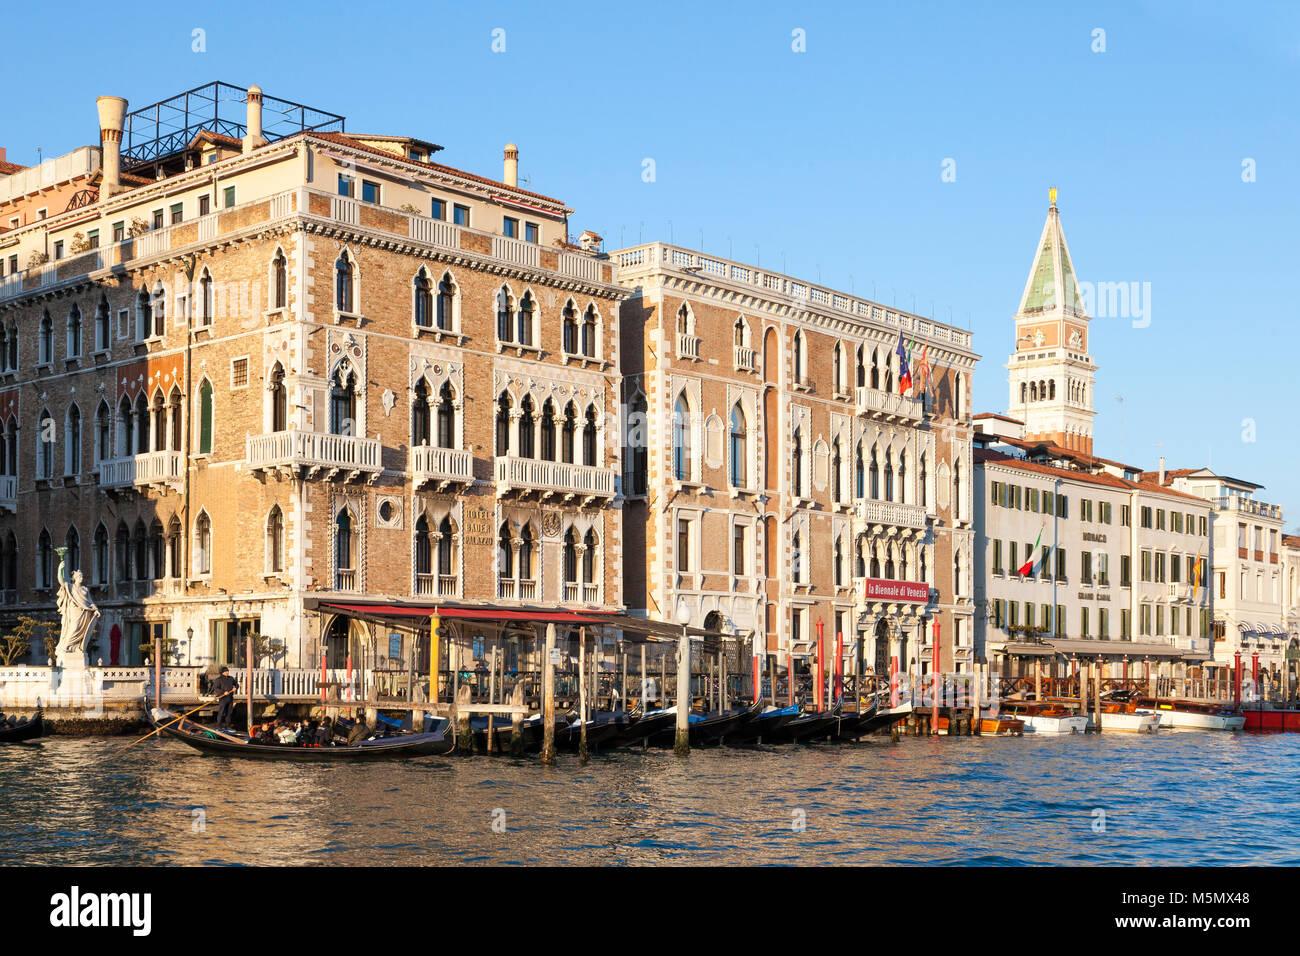 Sonnenuntergang am Grand Canal Hotel Bauer Palazzo, und La Biannale di Venezia San Marco, Veneto, Venedig, Italien Stockbild